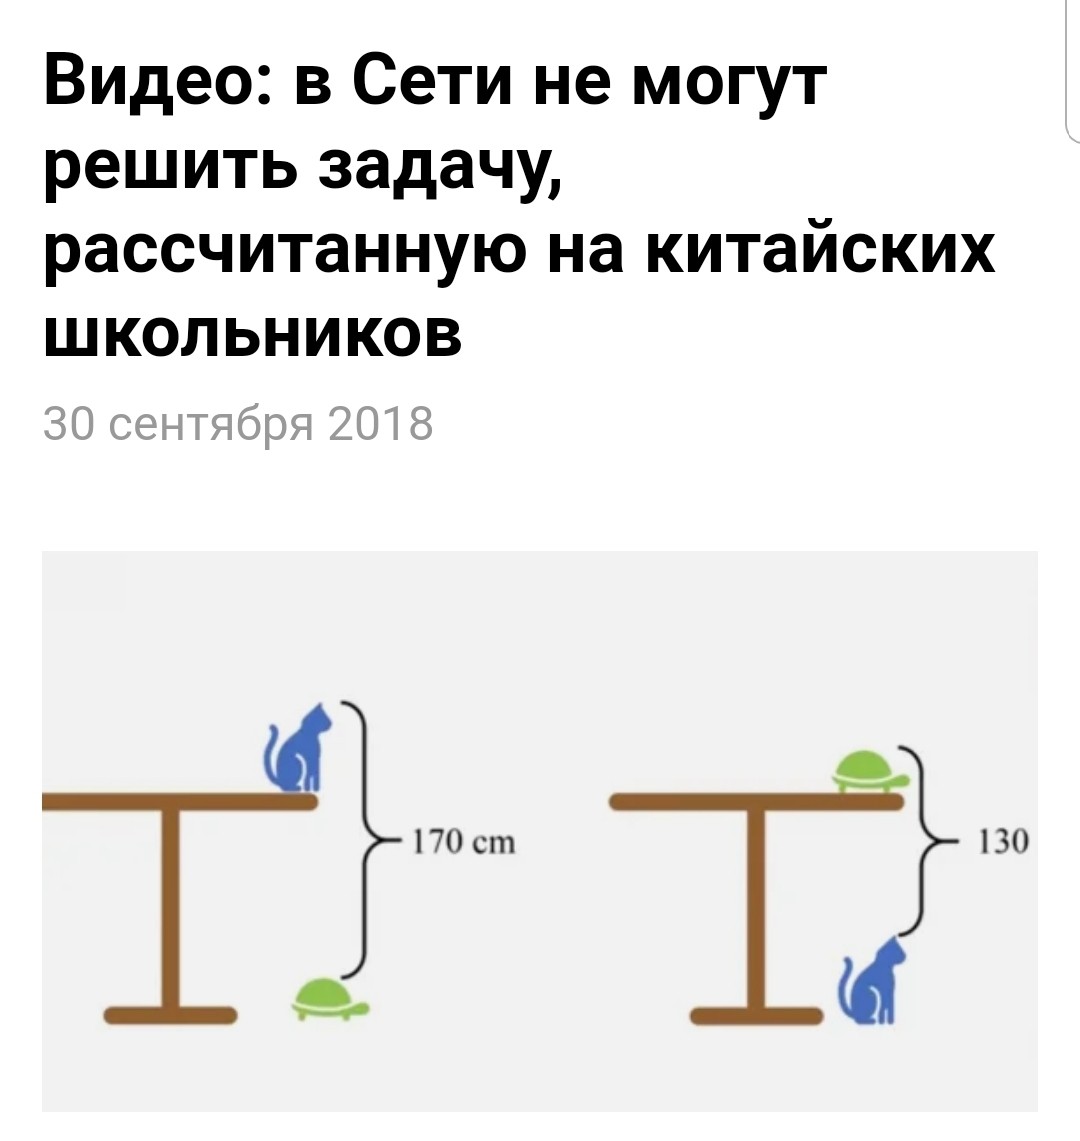 Как решить задачу черепаха за 3 минуты задачи на подвижные блоки с решением